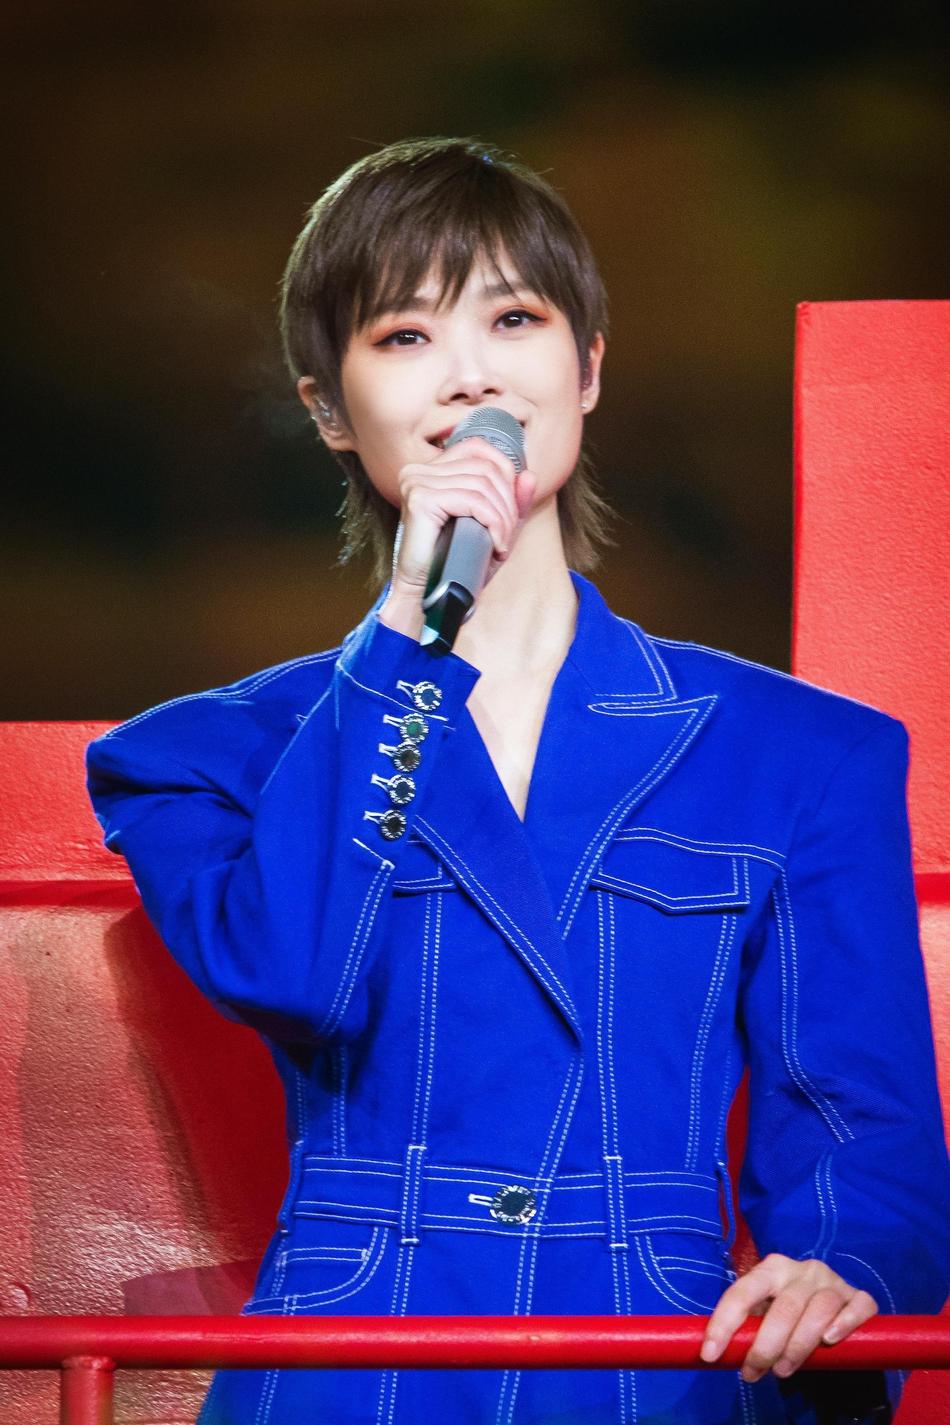 组图:李宇春深蓝色套装现身郑州分会场 站拖拉机上唱脱贫主题曲